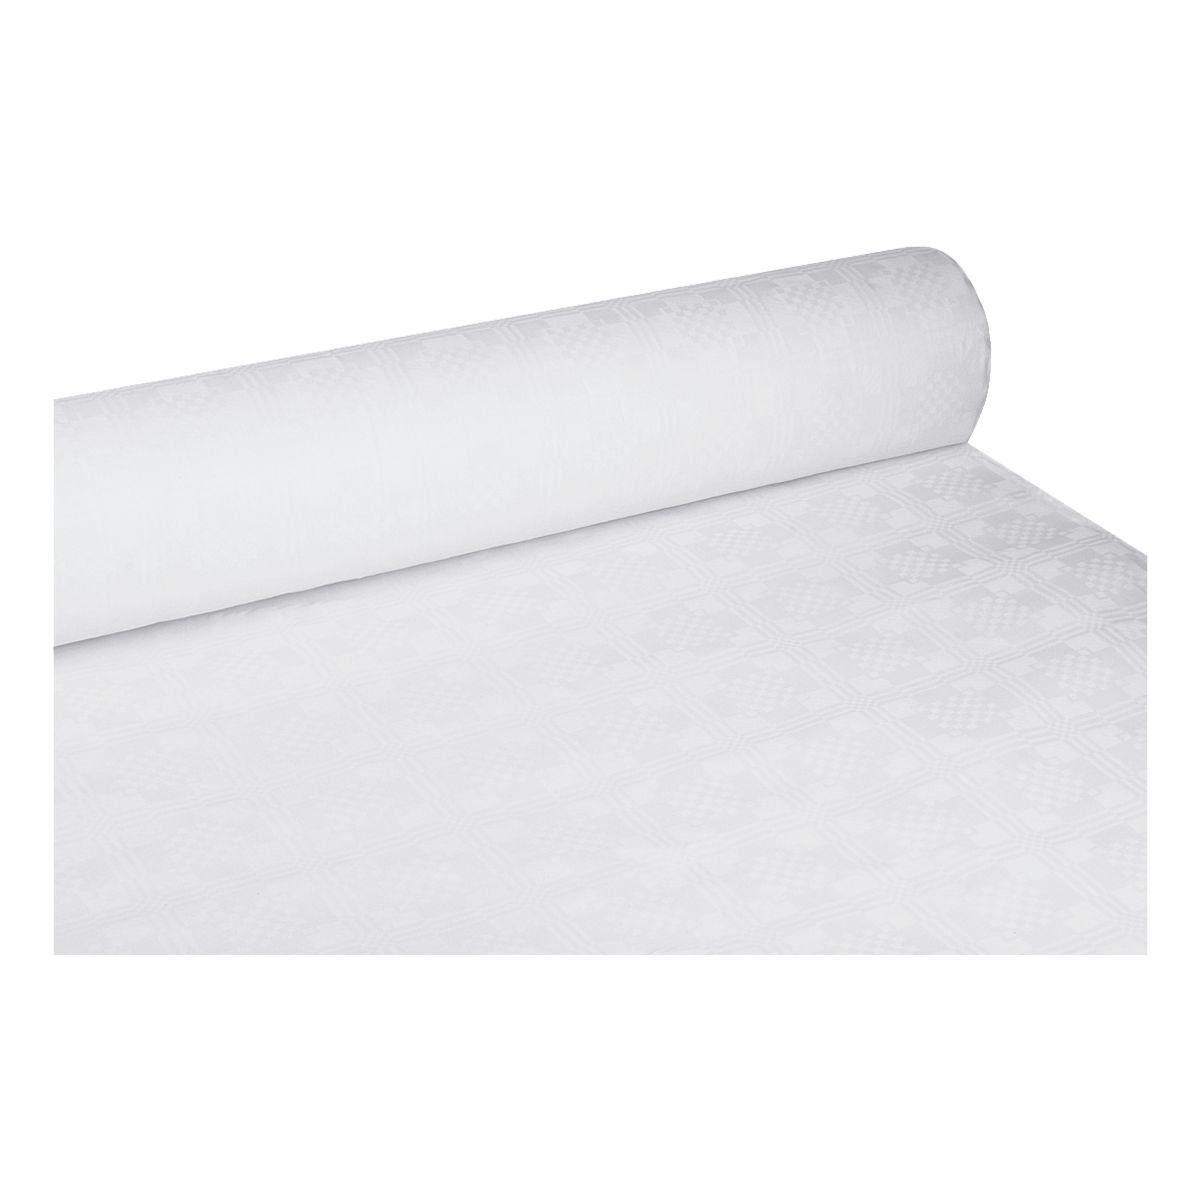 PAPSTAR Papiertischtuch auf Rolle